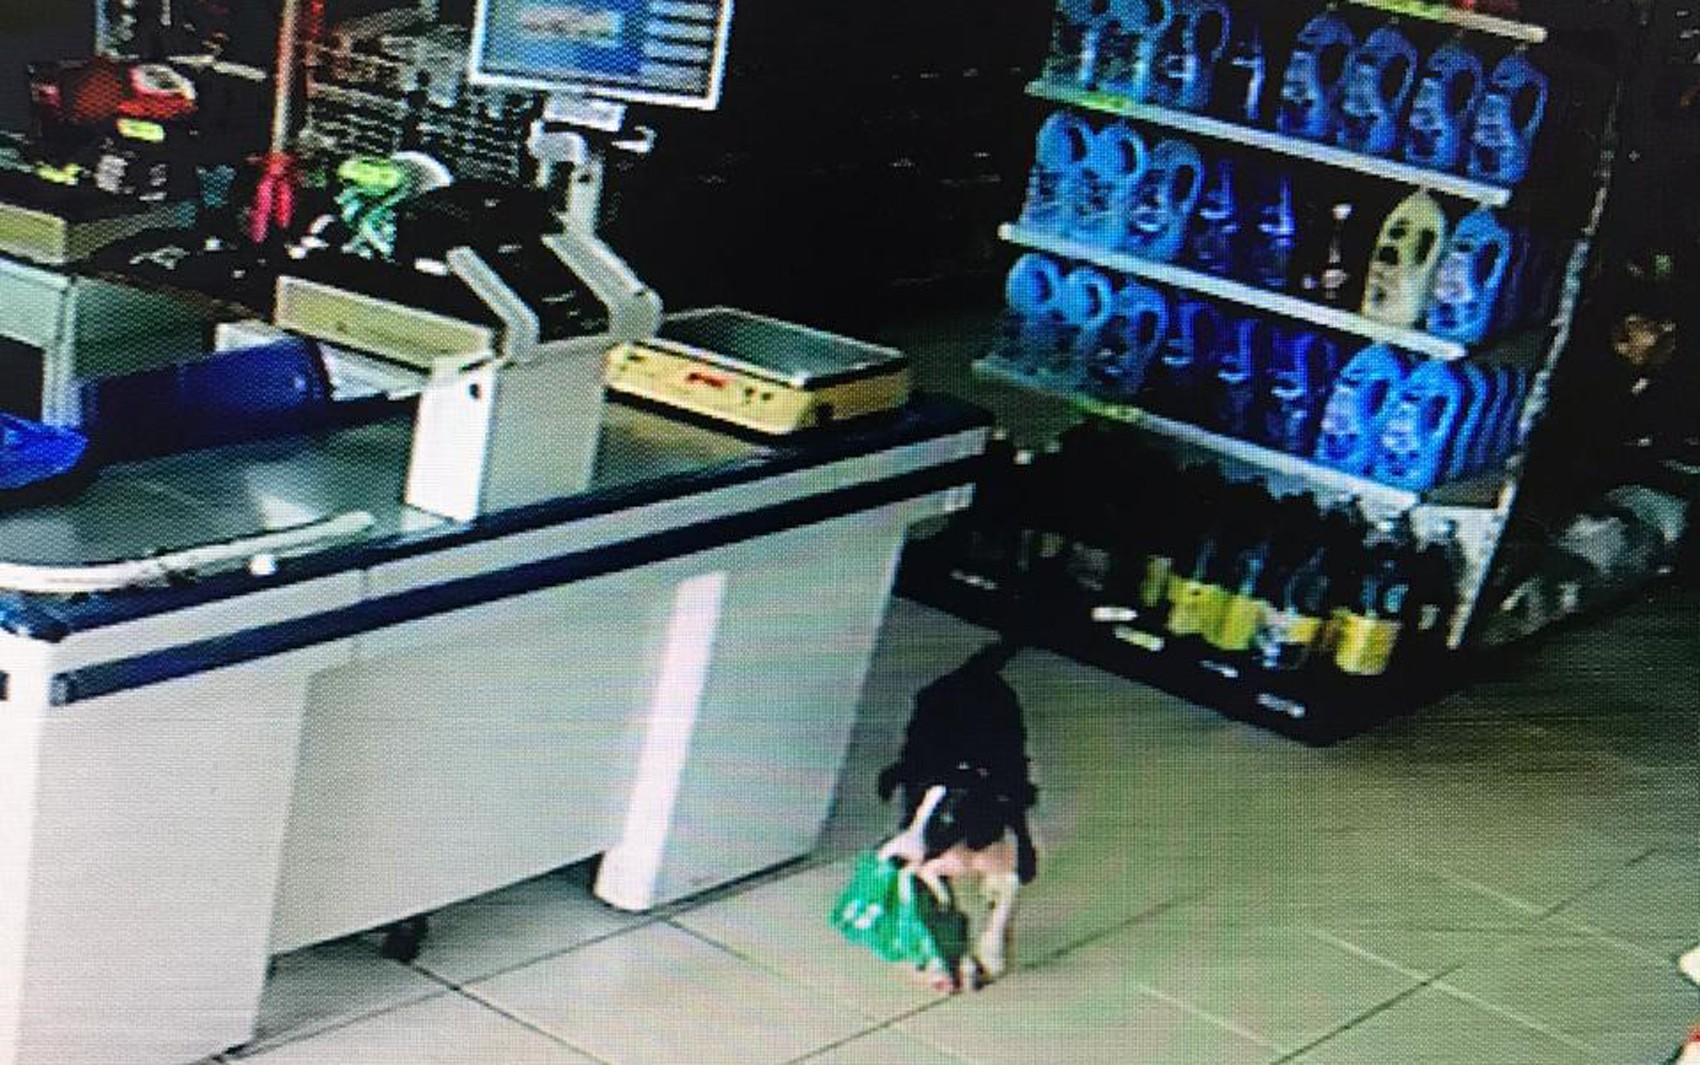 Vídeo que mostra cão 'furtando' pacote de rosquinhas em Morro Agudo, SP, viraliza na web - Notícias - Plantão Diário